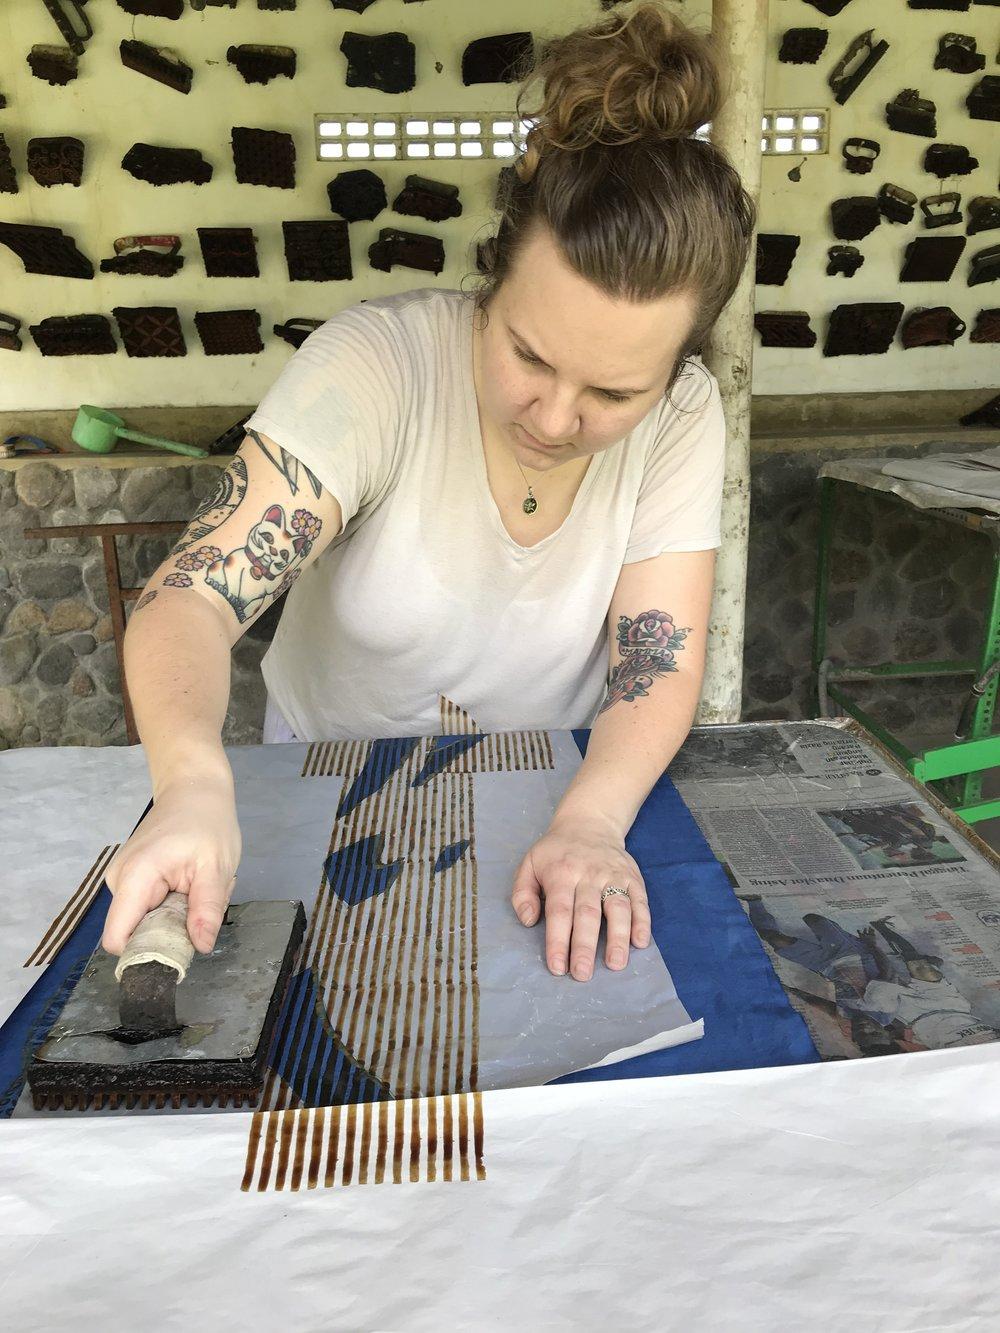 Klädvård och tips för hållbara plagg - Så här tar du hand om dina klädesplagg för att de ska hålla så länge som möjligt. Tips från textildesignern Agnes Varhelyi.